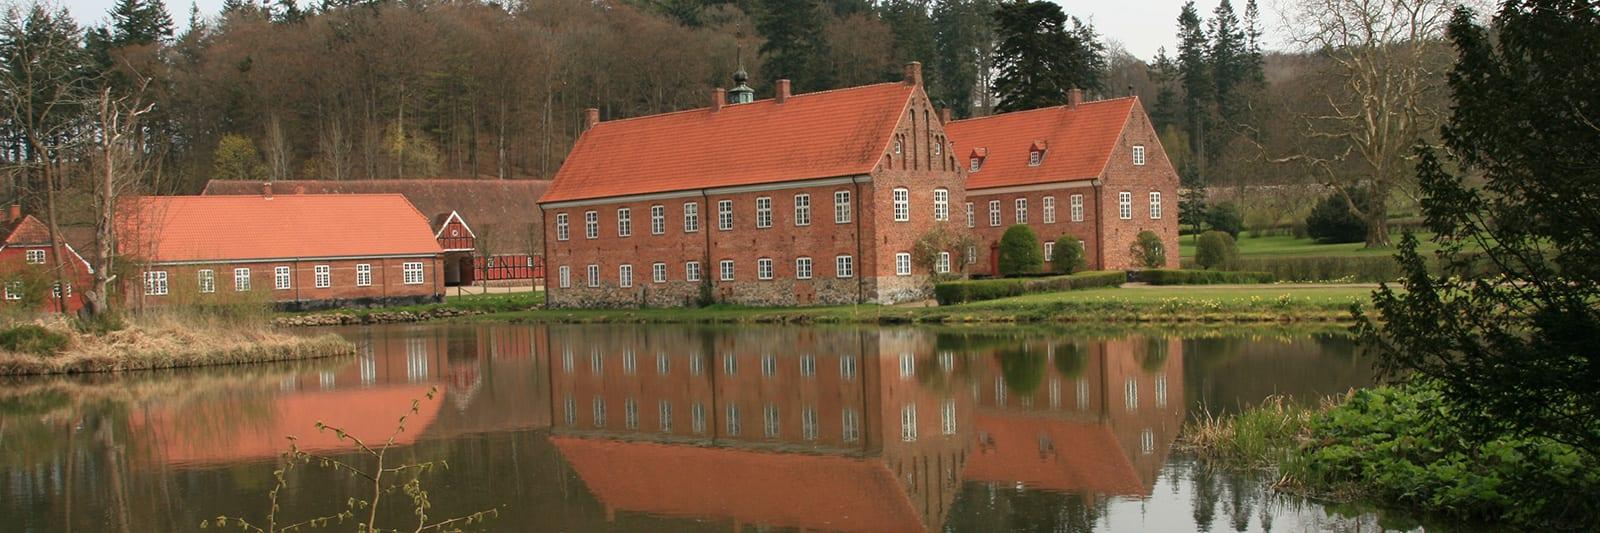 Tirsbæk Slot er en privat bolig der kan lejes til helt specielle arrangementer.<br><br>